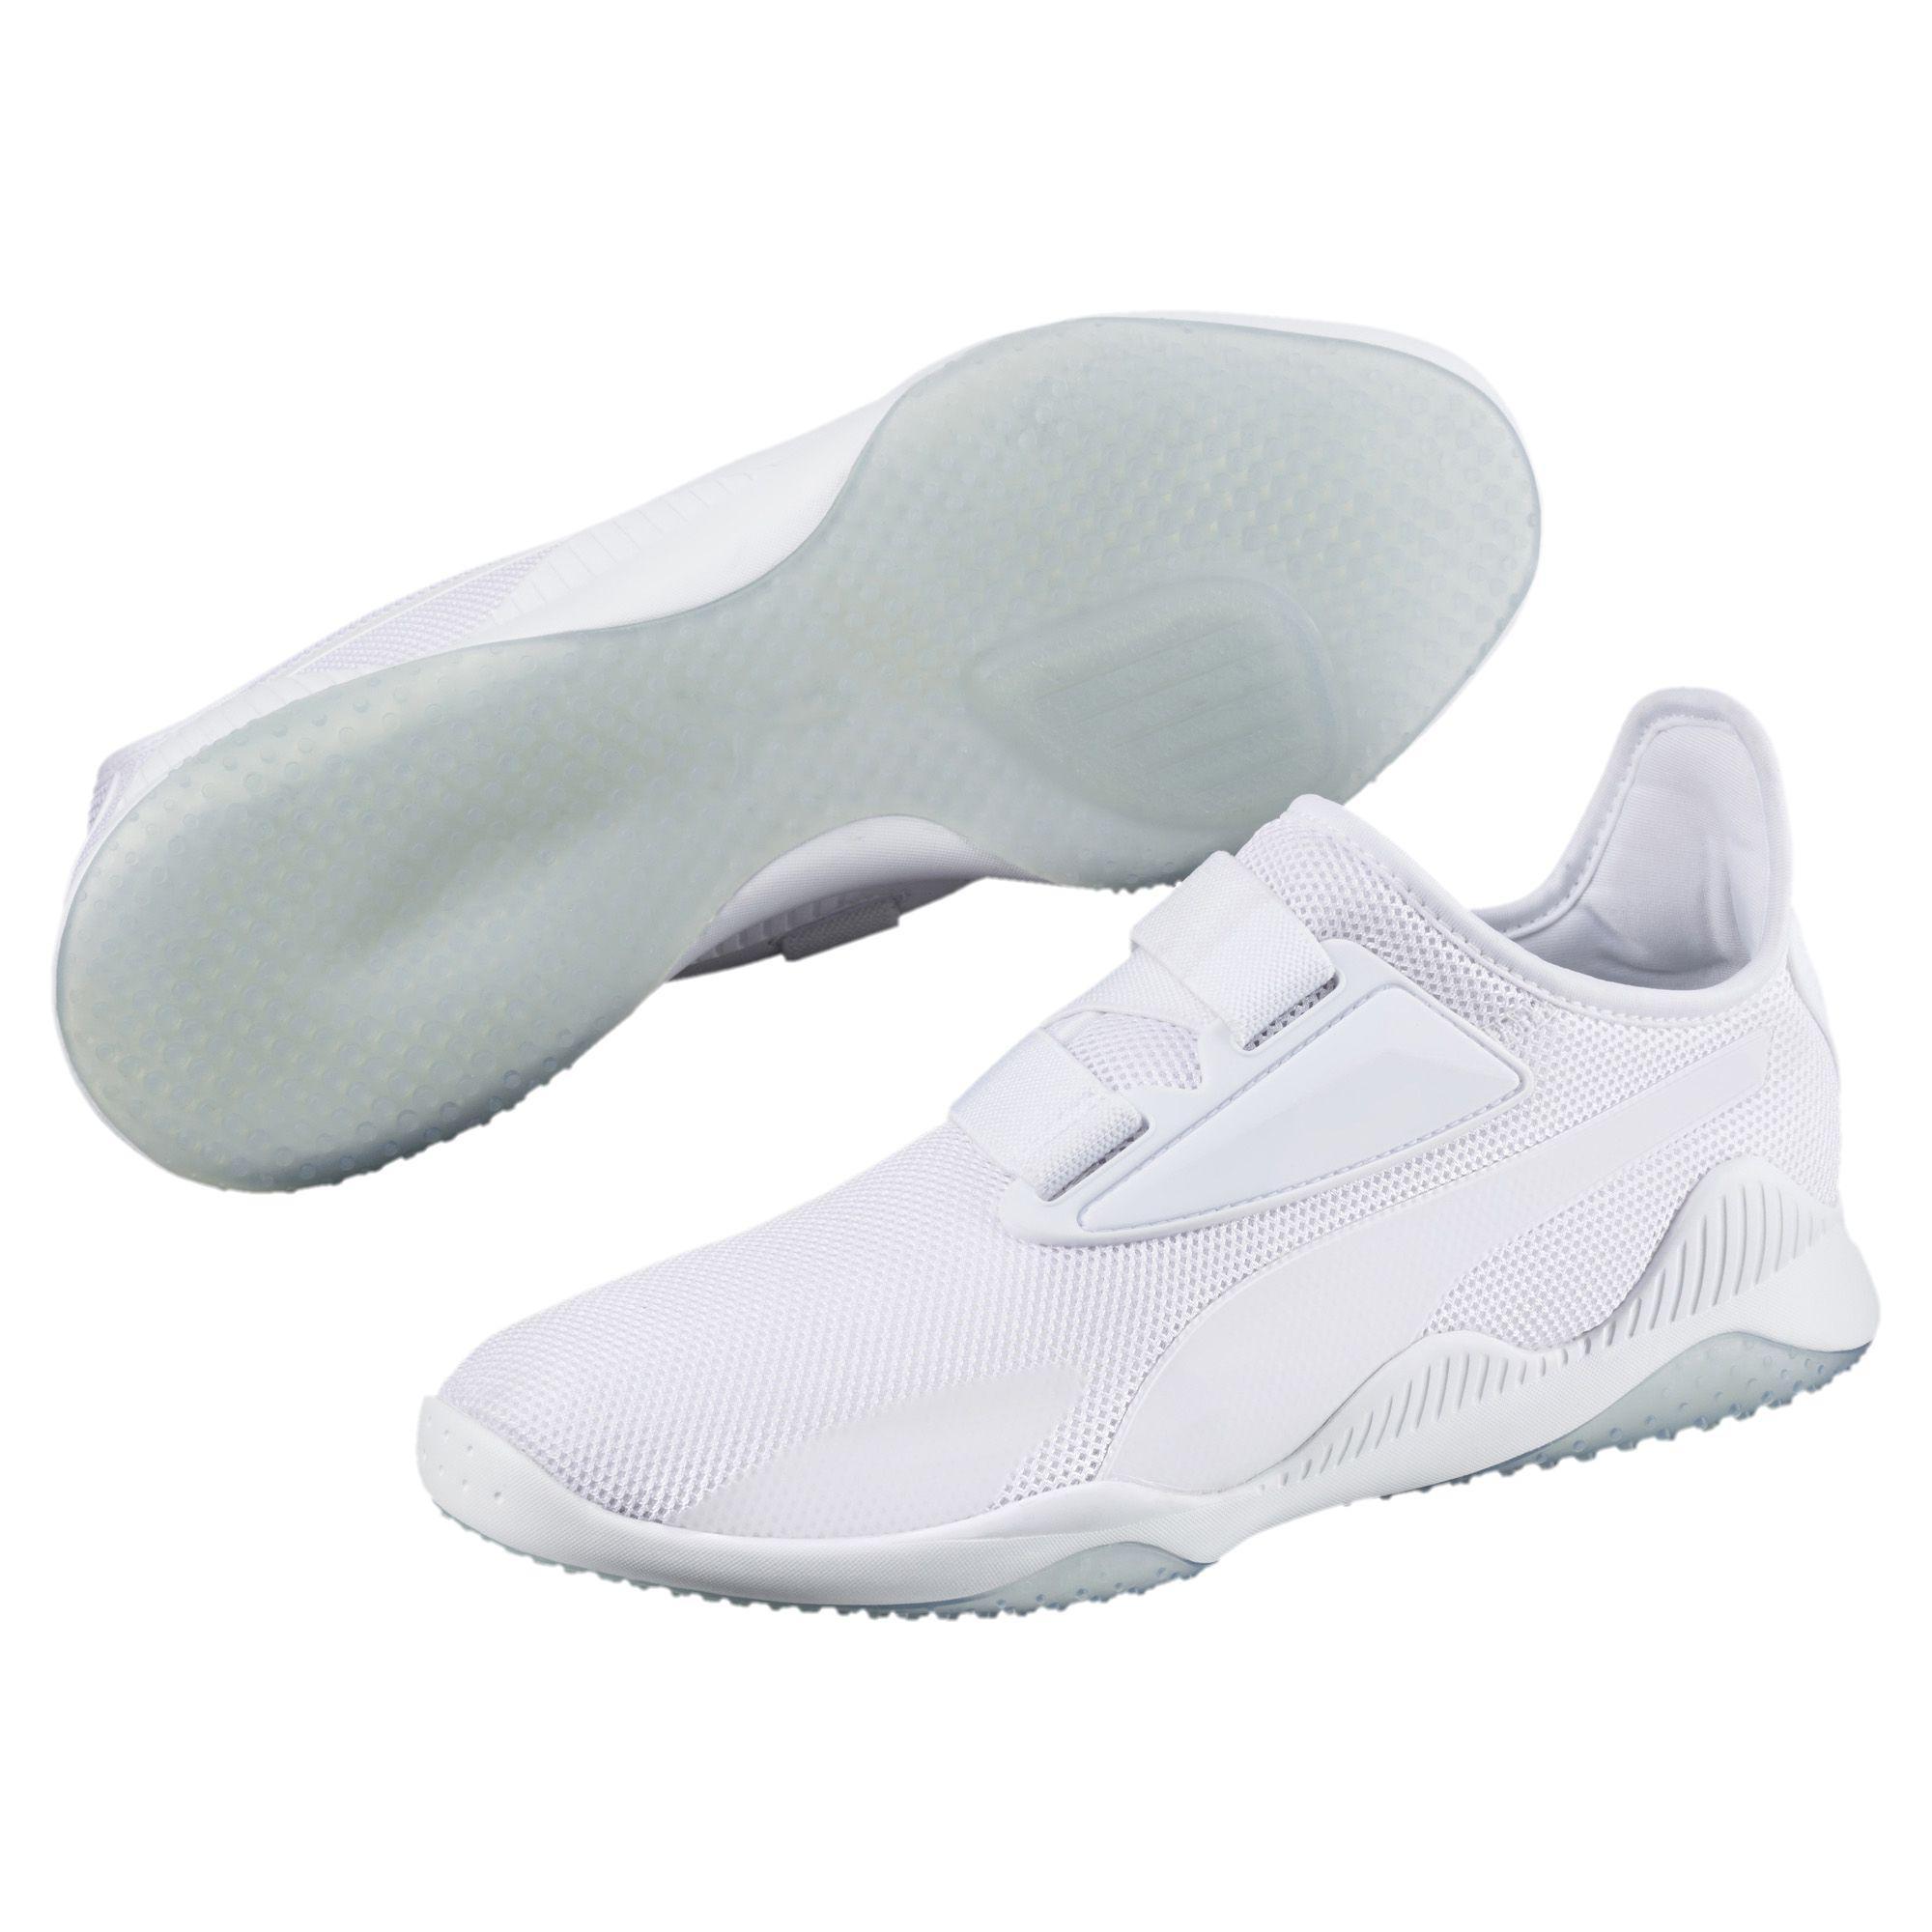 5df5e322e330 Lyst - PUMA Mostro Mesh Trainers in White for Men